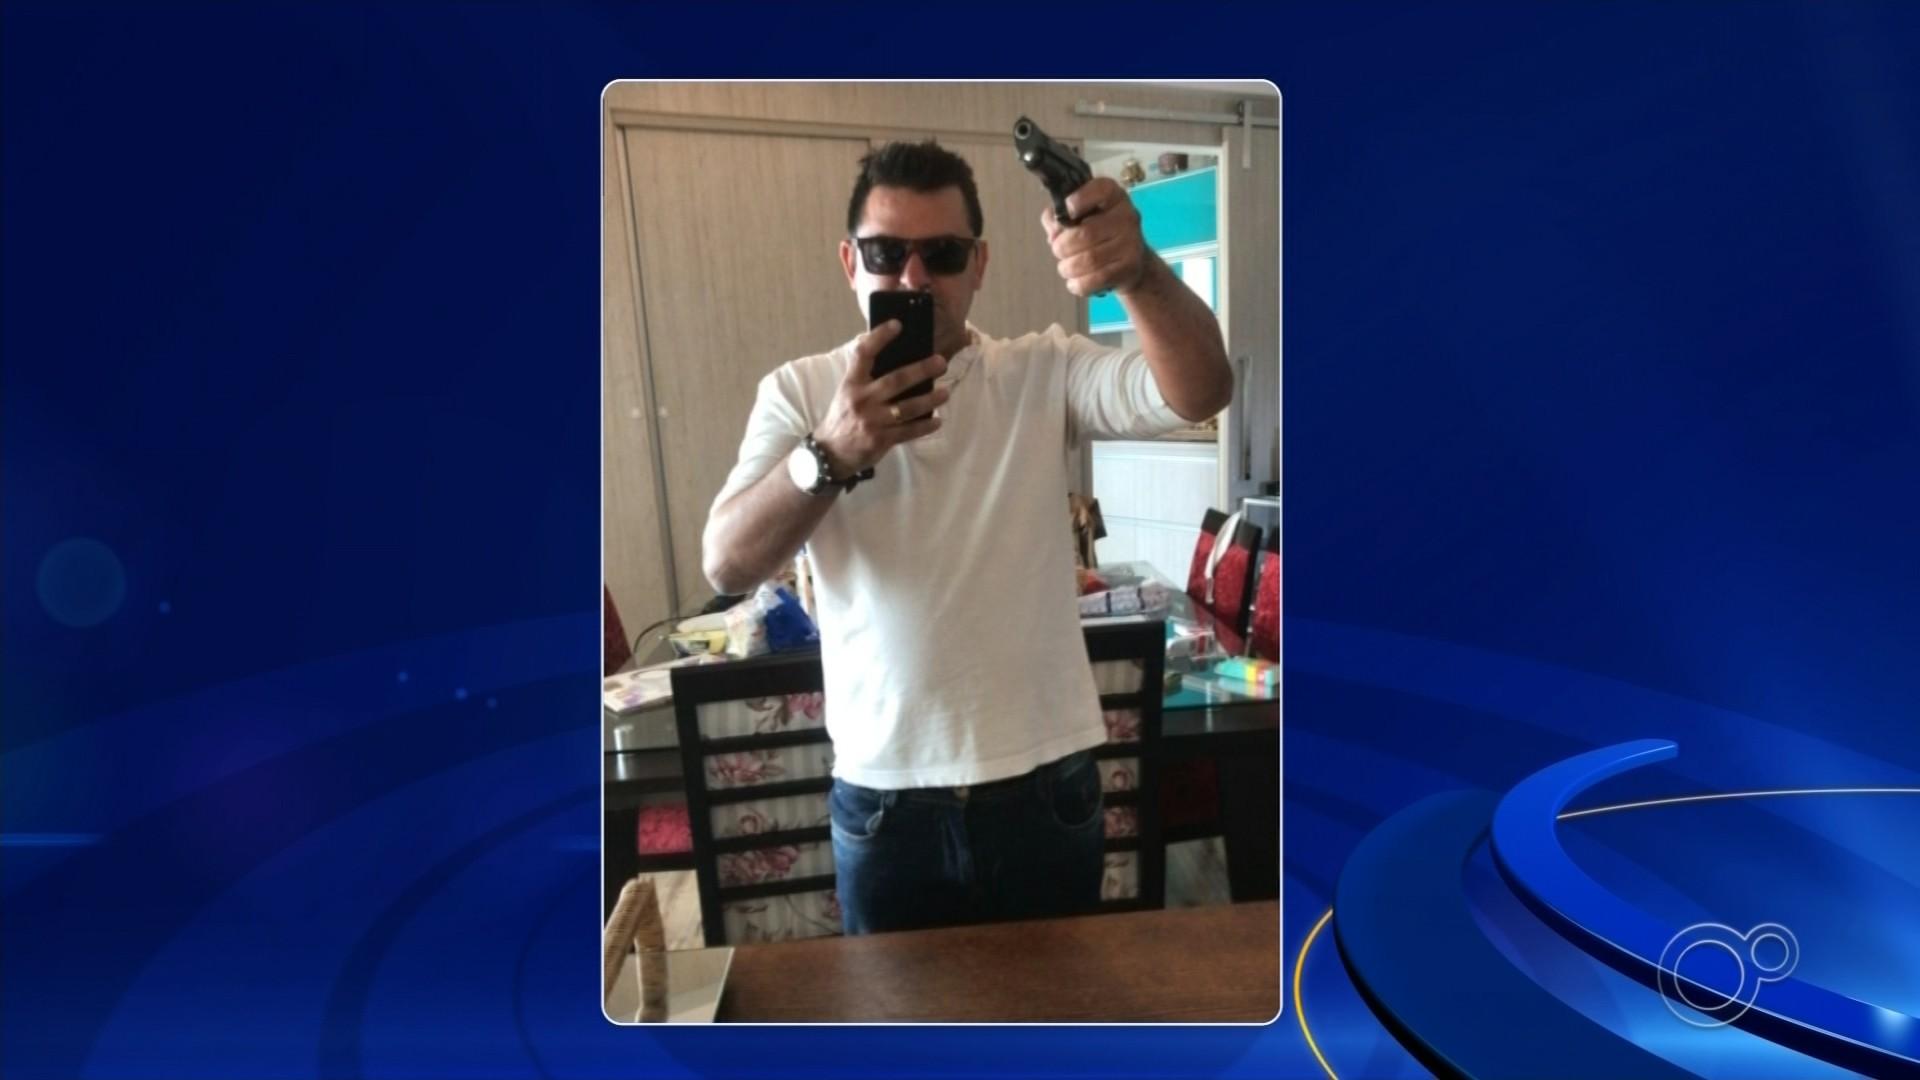 Homem postou fotos com arma em rede social antes de efetuar disparos pela janela do apartamento